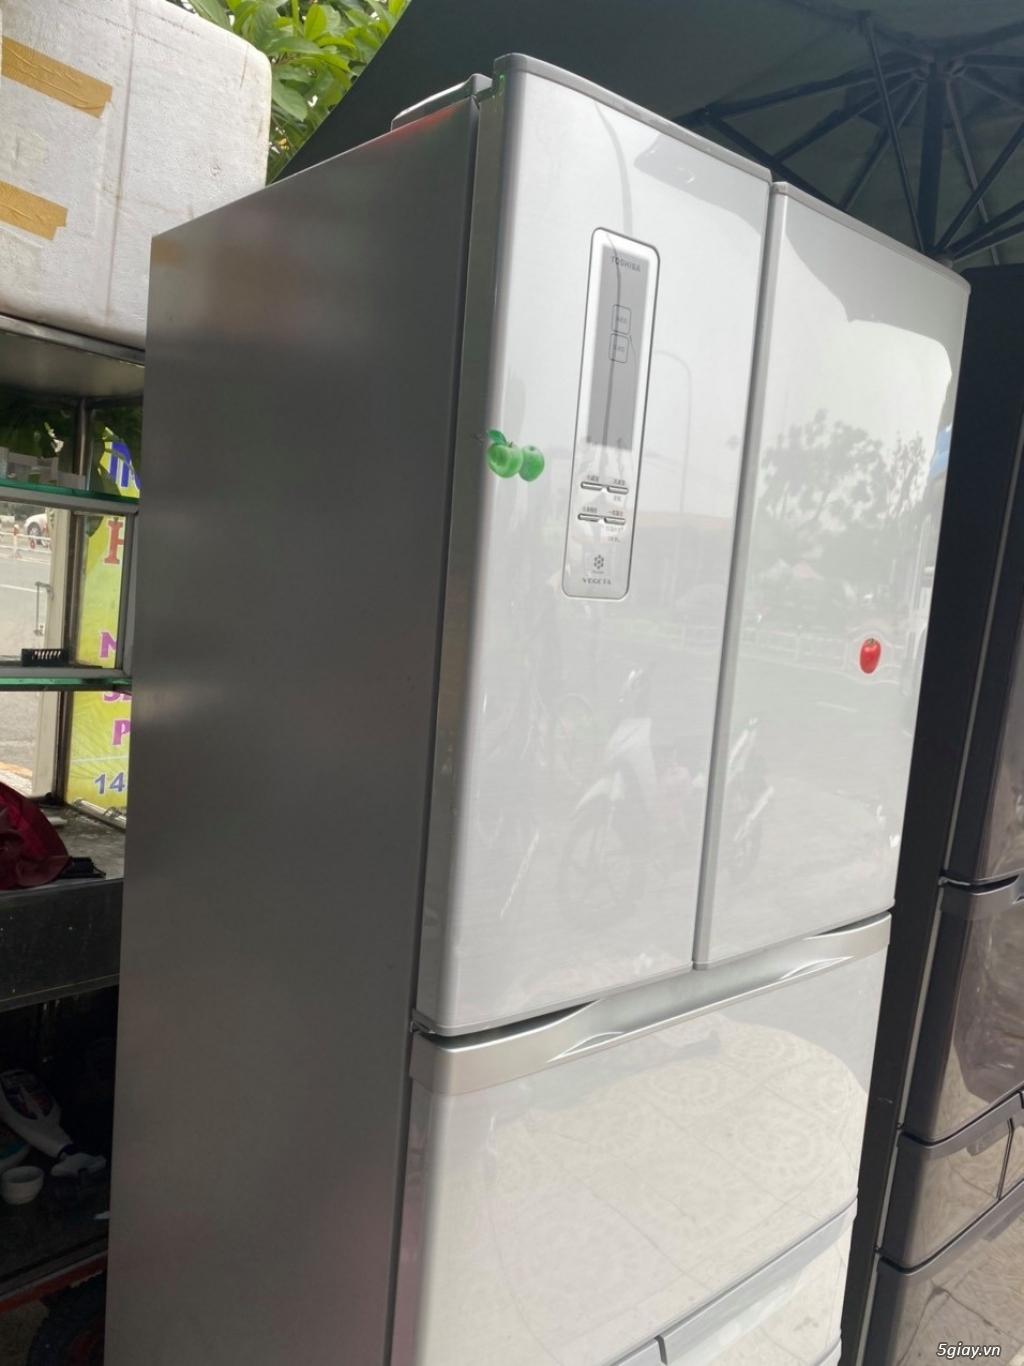 Tủ lạnh 6 cánh nội địa Nhật TOSHIBA GR-E47F date 2012 - 18